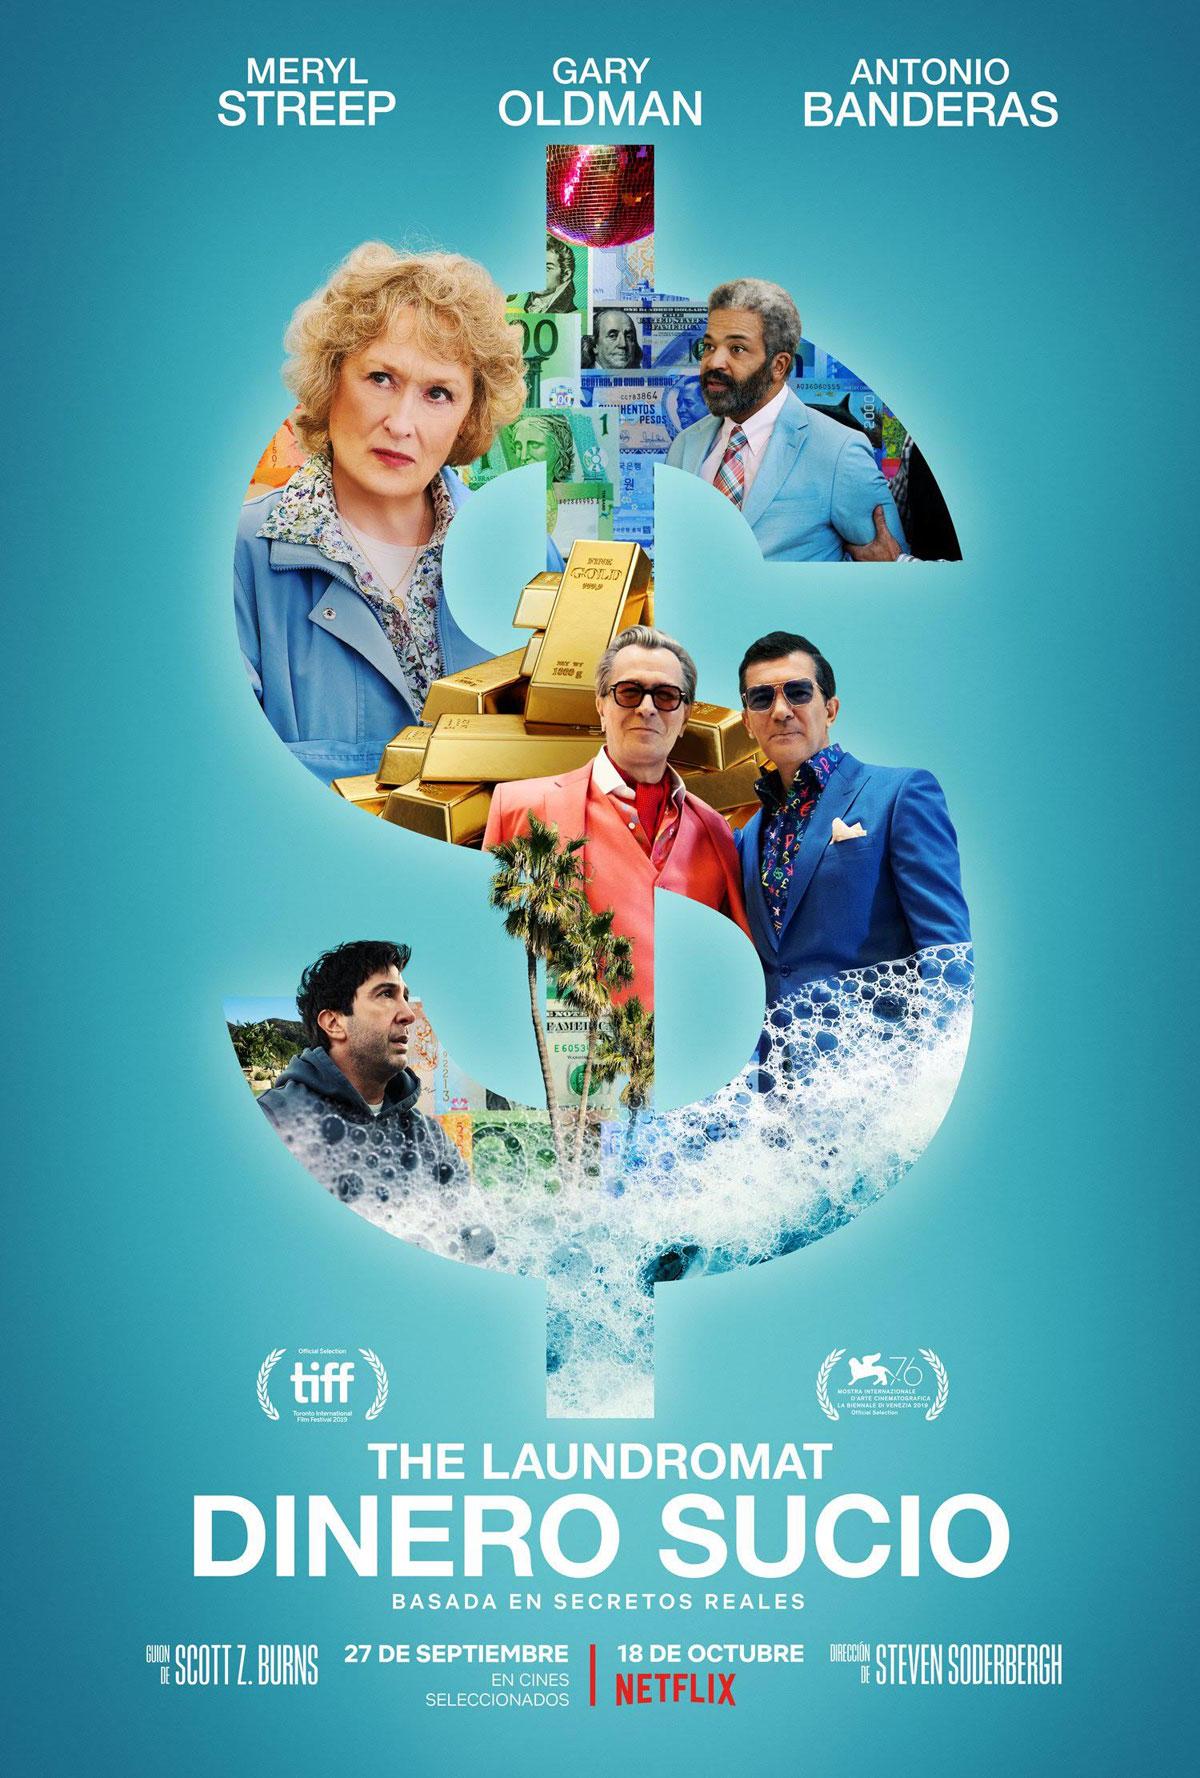 Photo of 'The Laundromat: dinero sucio' una historia basada en hechos reales